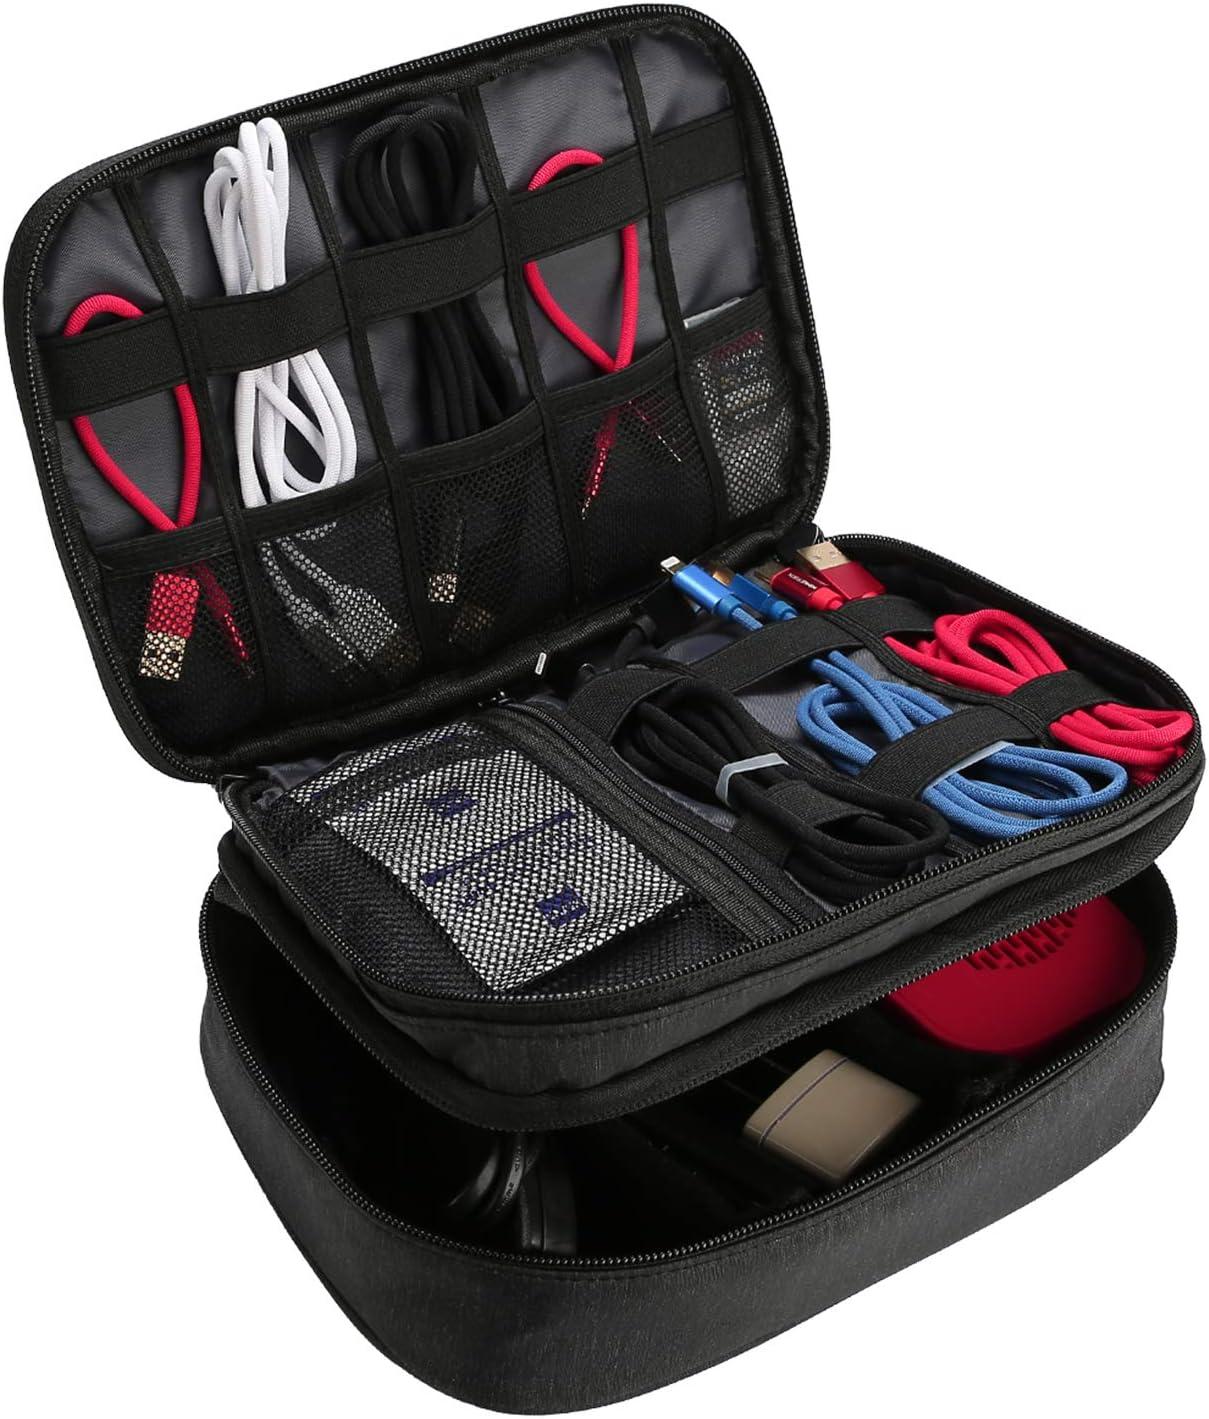 ProCase Organizador de Viaje para Electrónica, Bolsa de Almacenamiento de Capa Doble Caja de Transporte Universal para Equipo de Viaje iPad Mini Cables Cargador Adaptador Disco Duro y Más –Negro